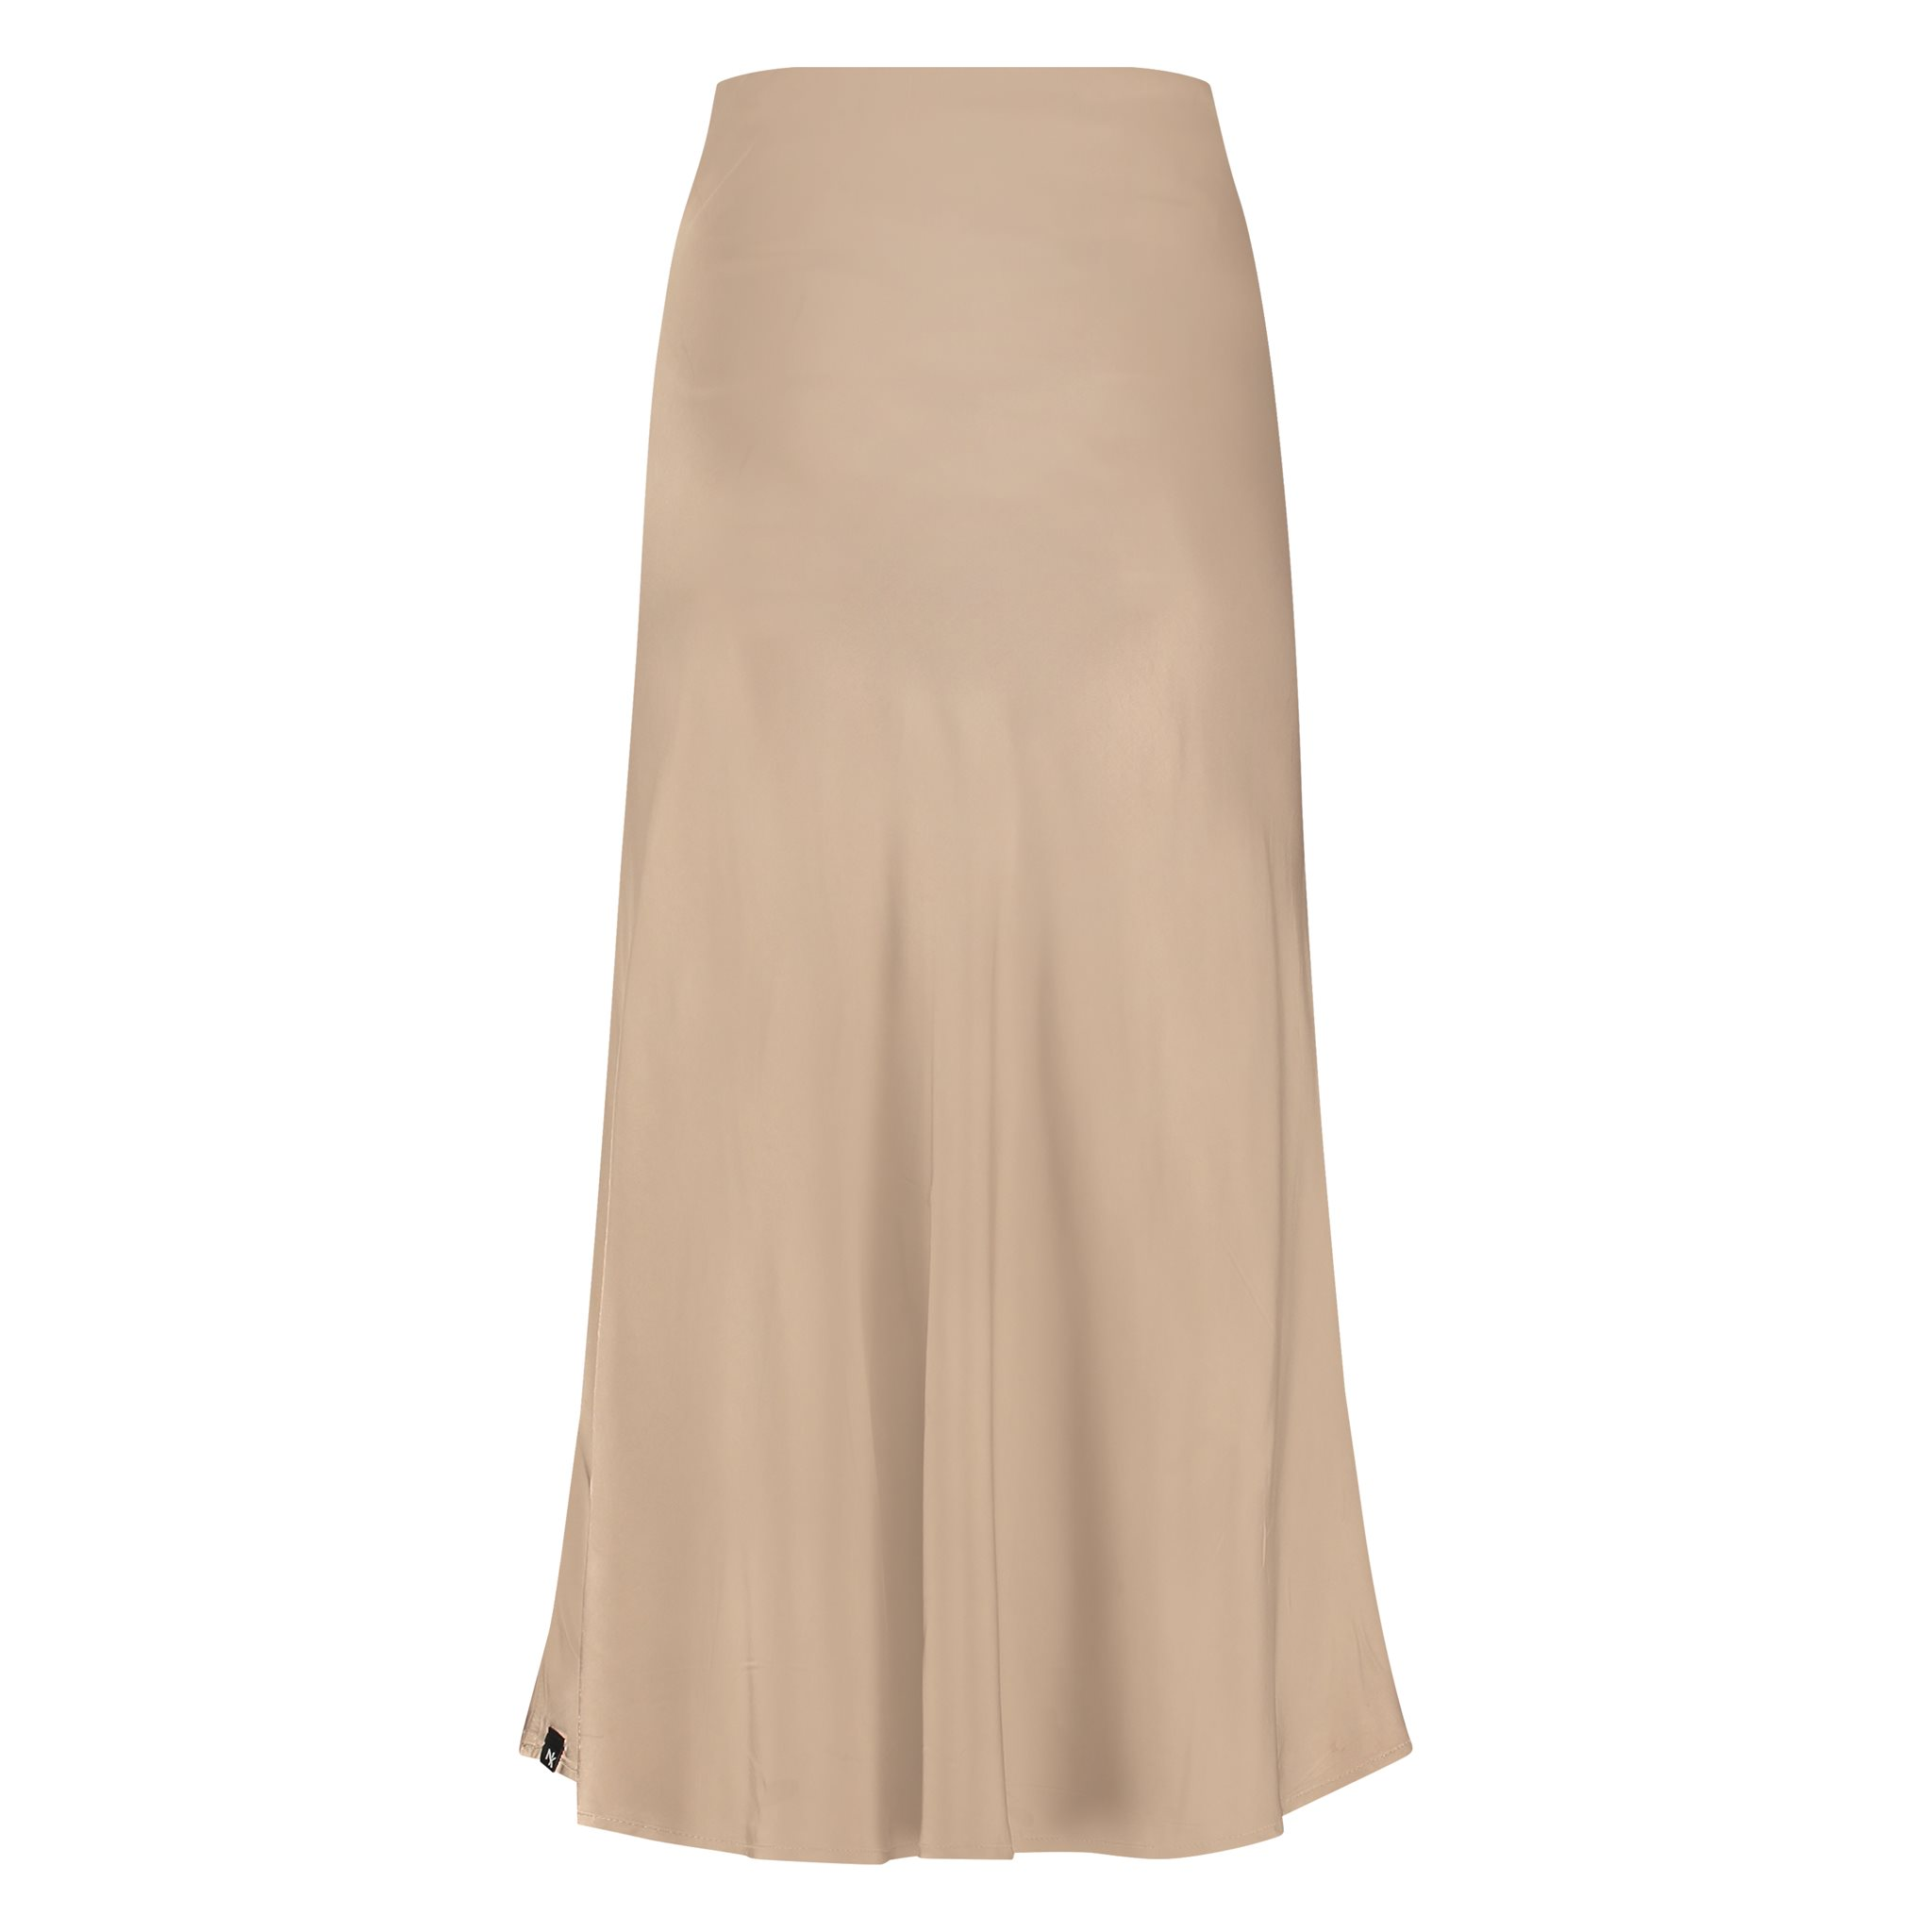 Iram skirt